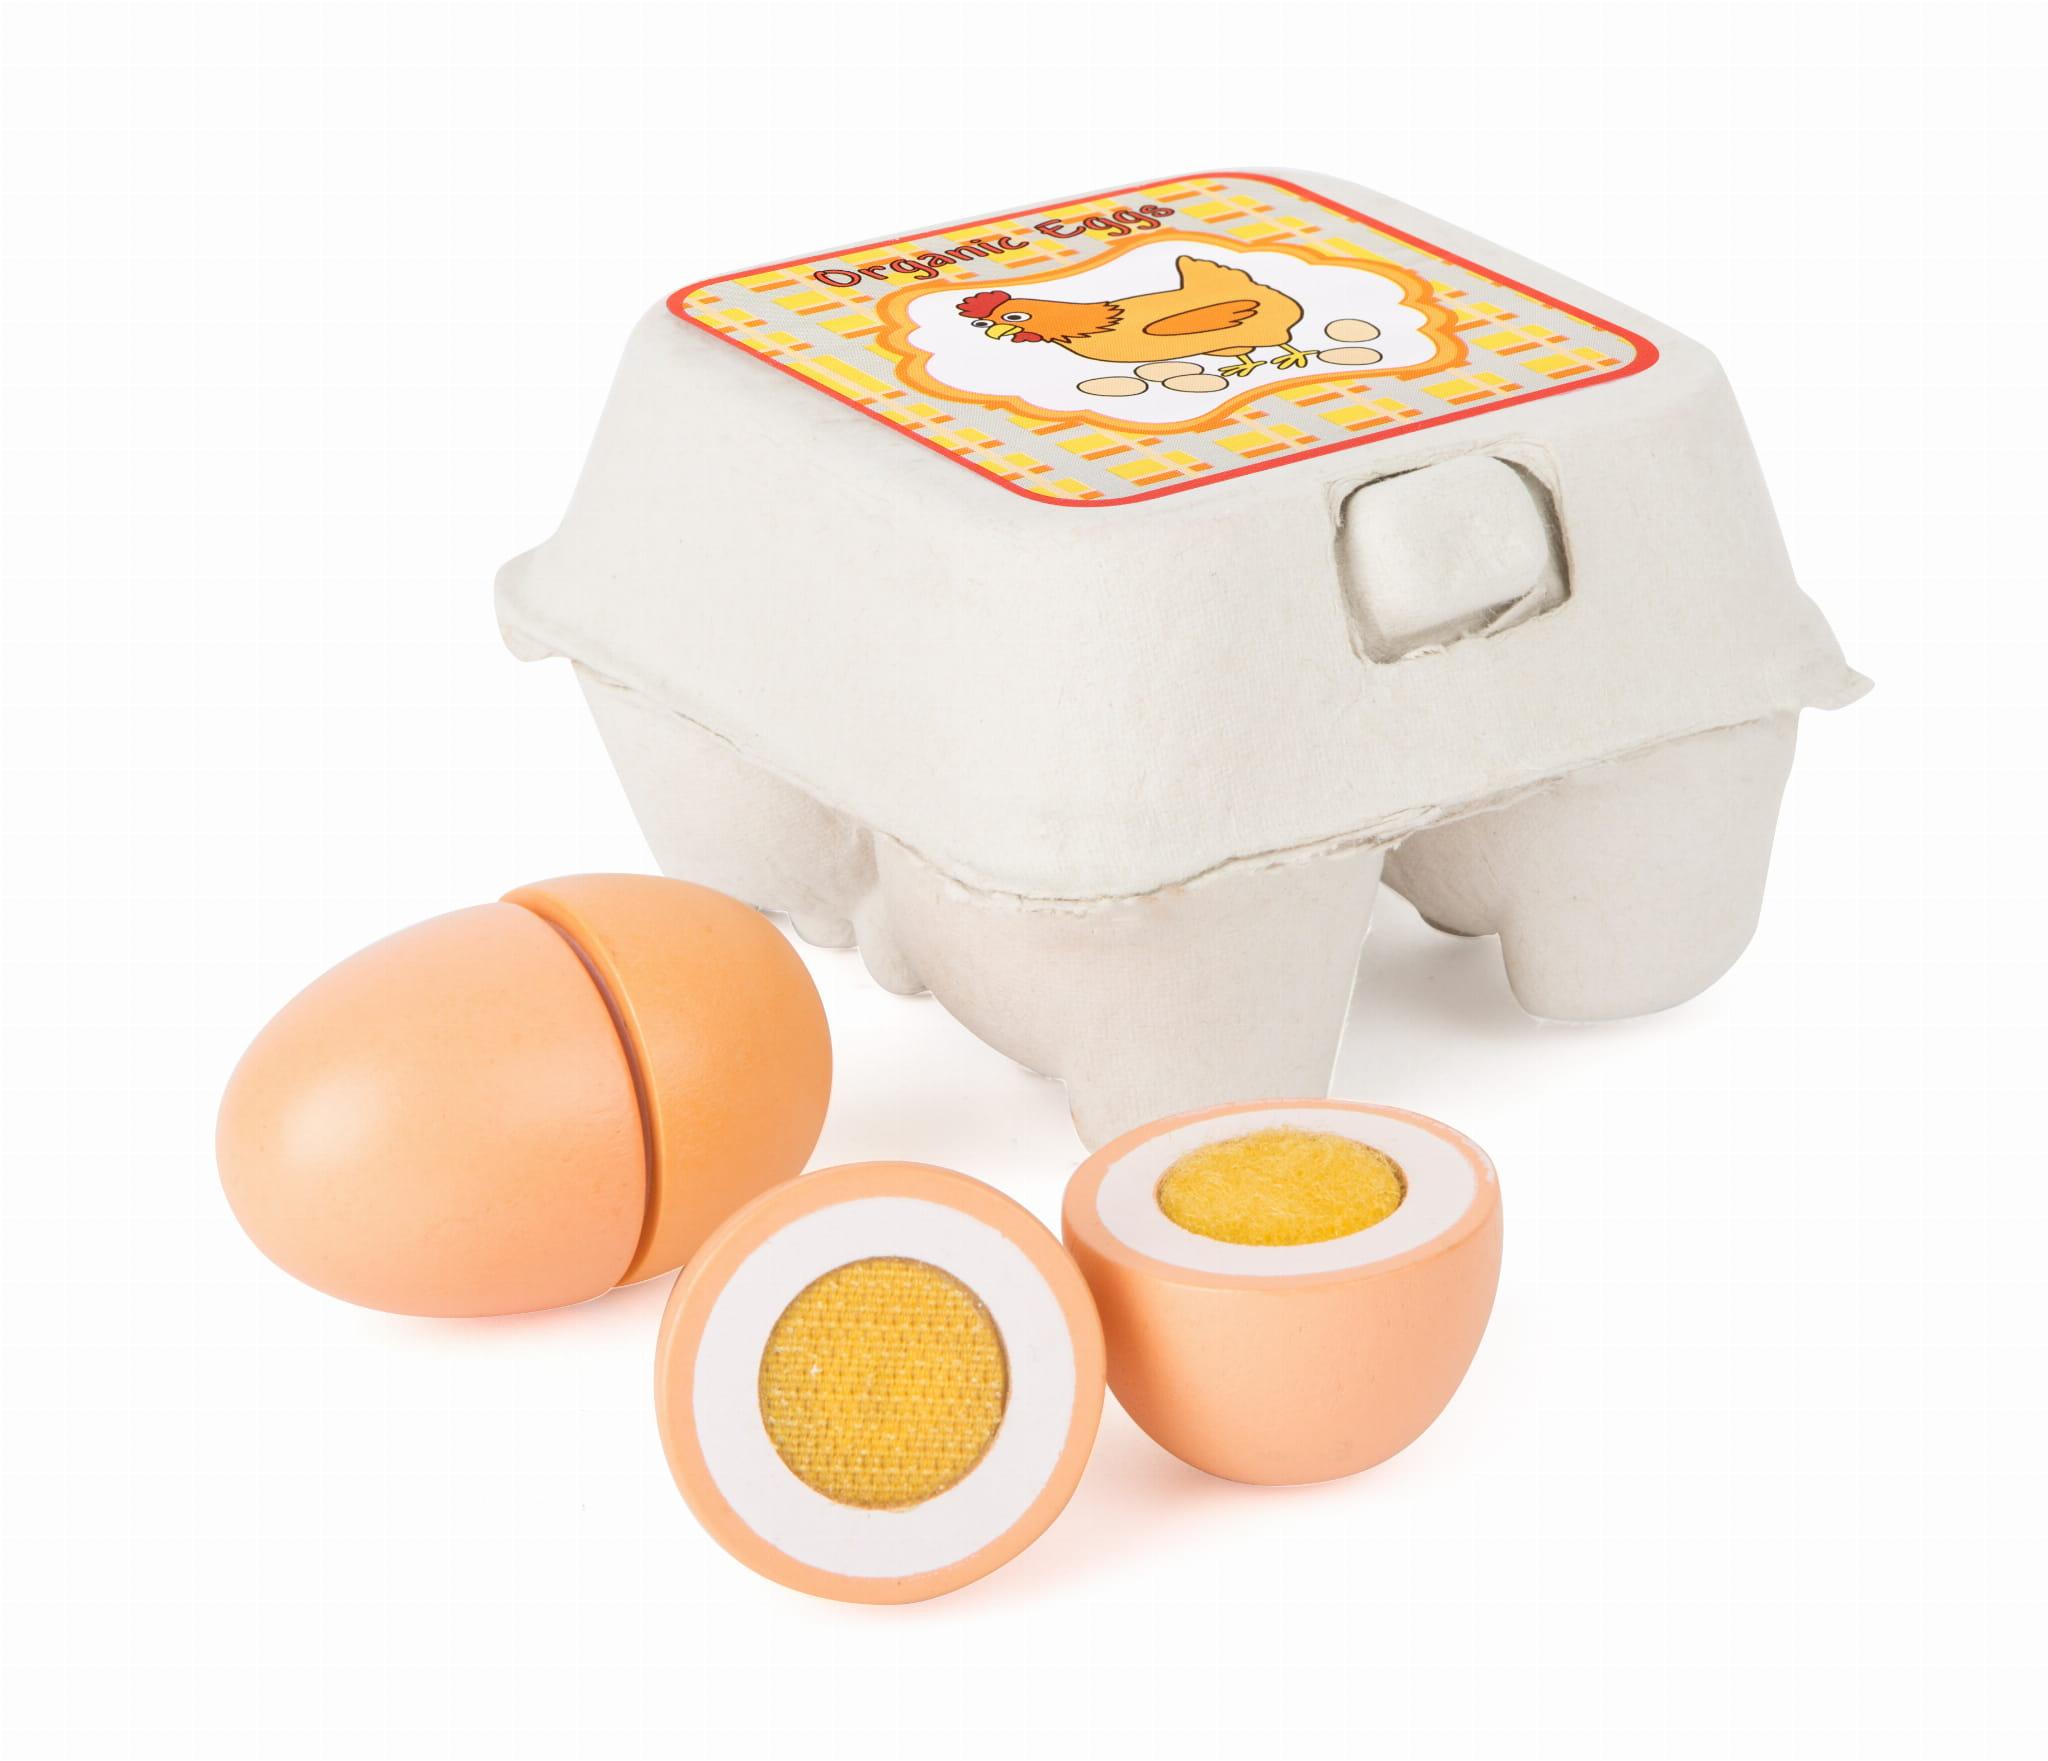 Jajka Drewniane Do Zabawy W Gotowanie Dla Dzieci Small Foot Design